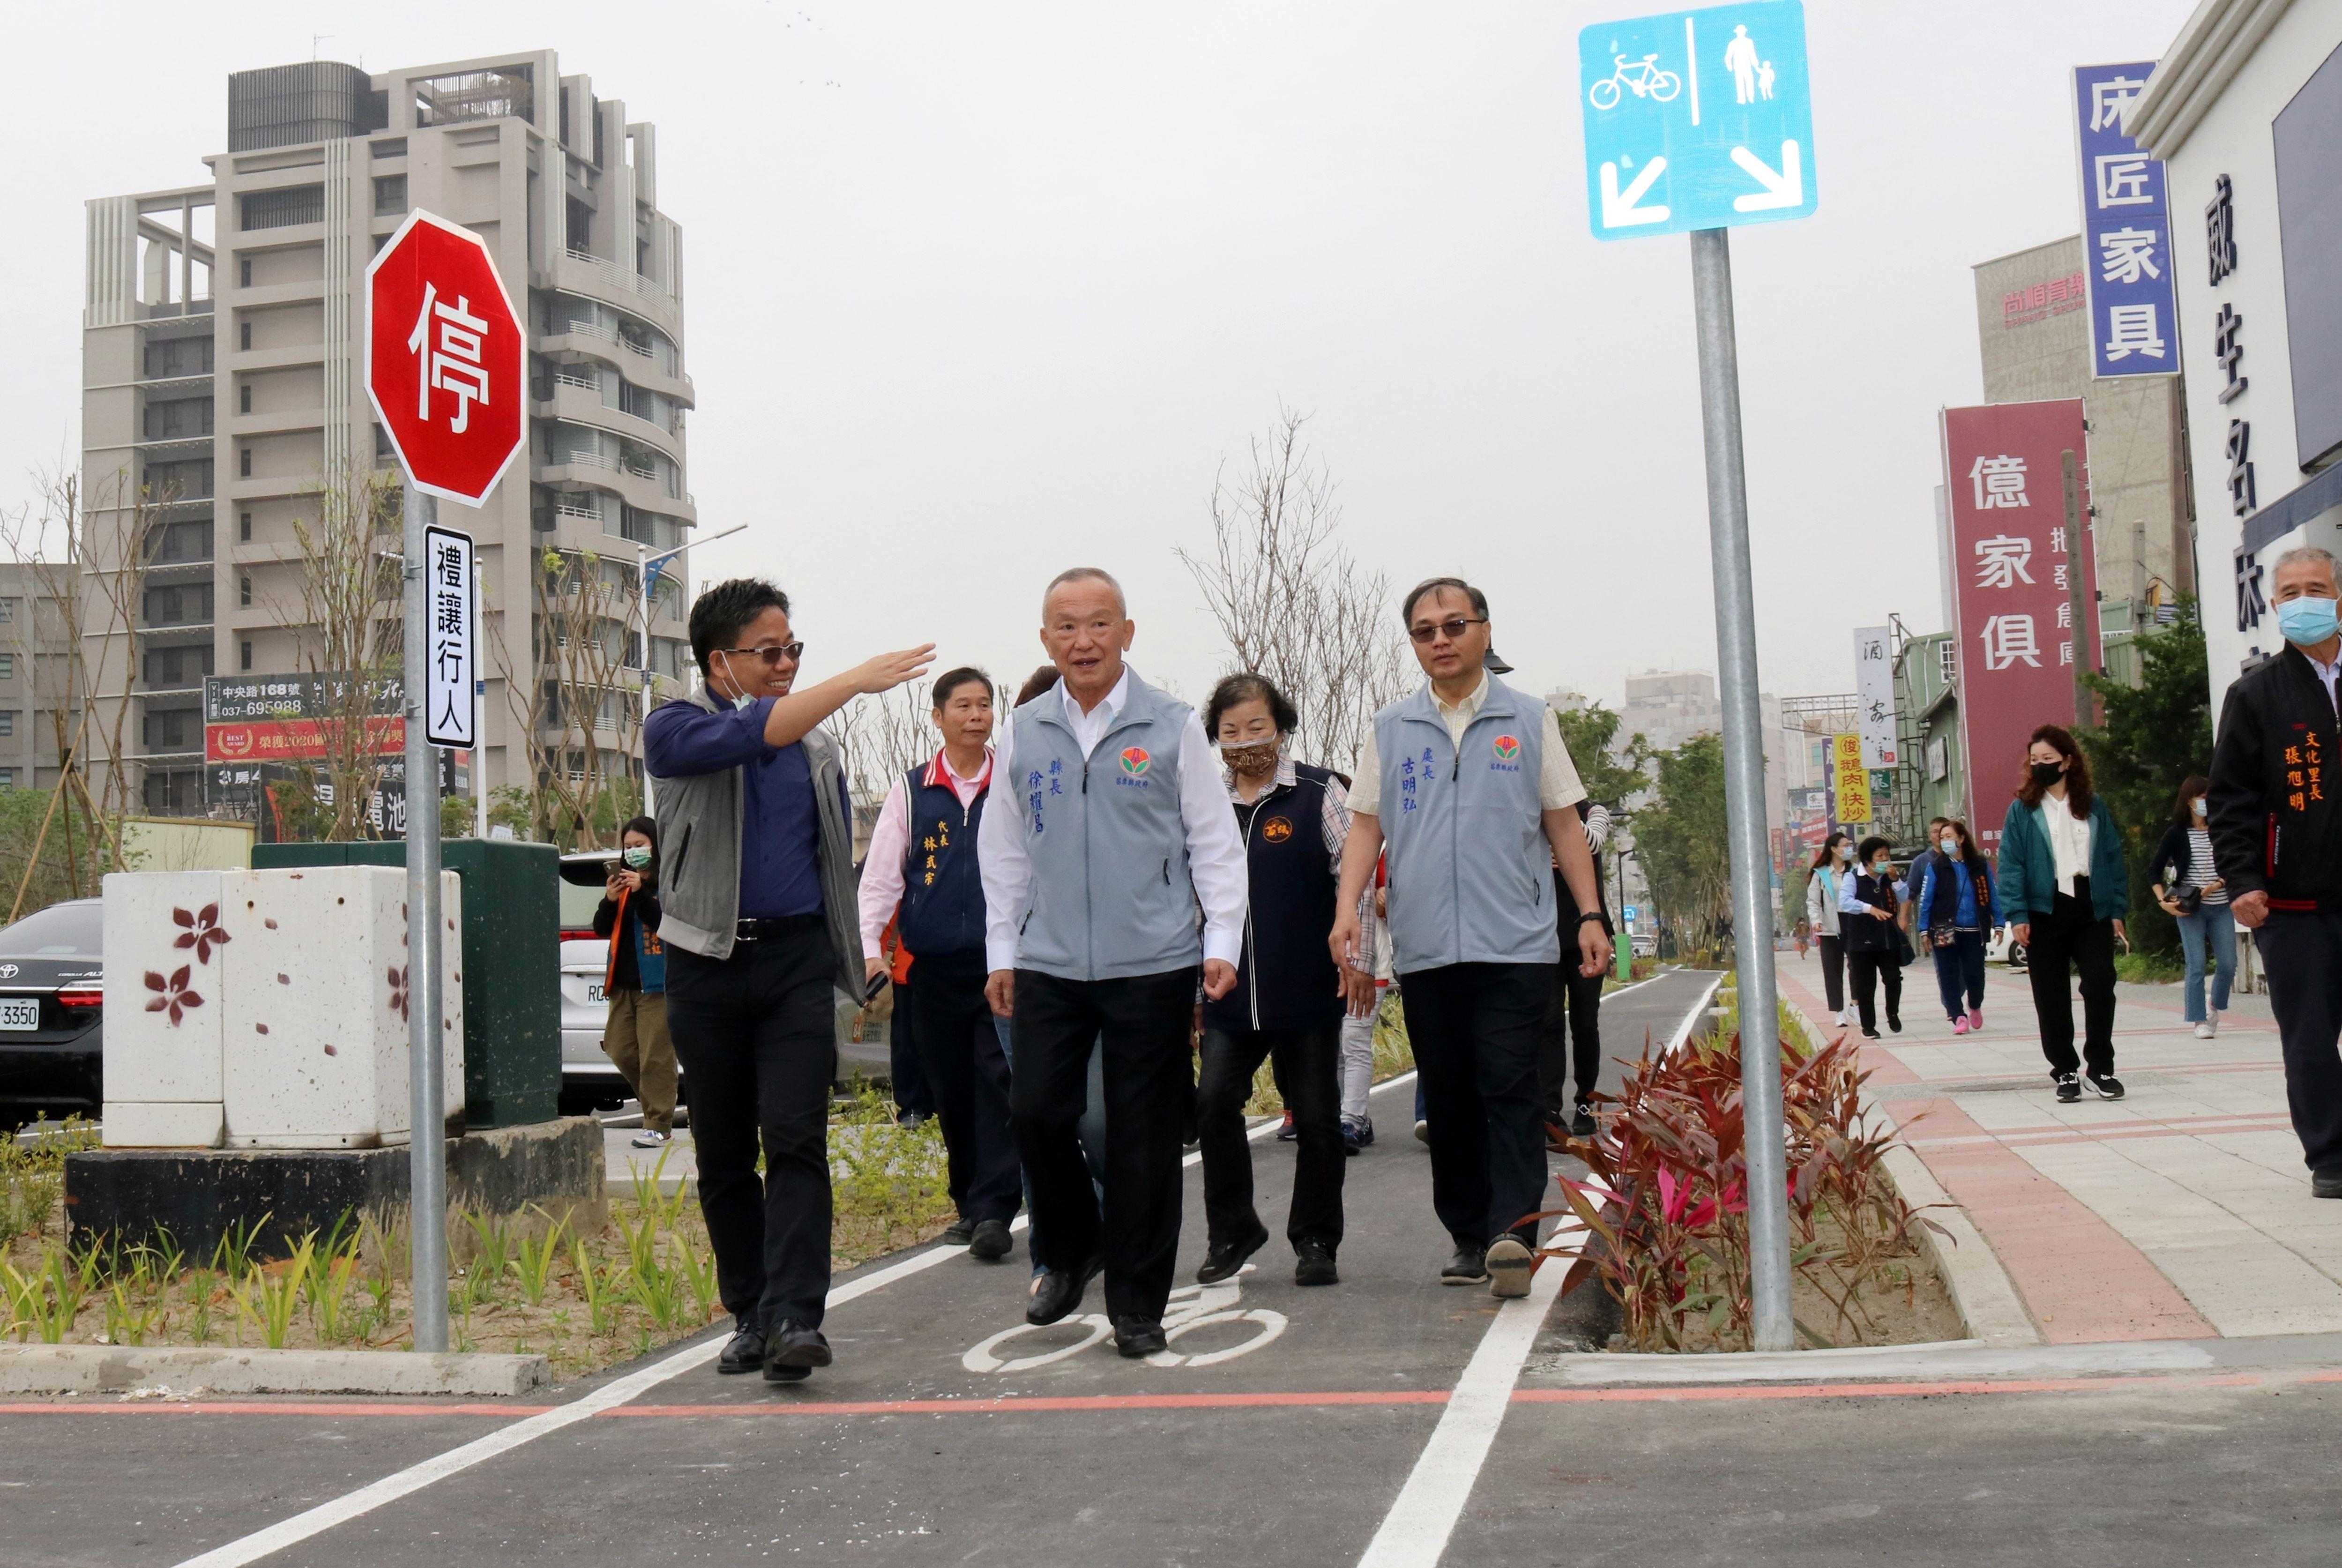 3.4億打造慢行綠網 苗北雙城市容景觀升級